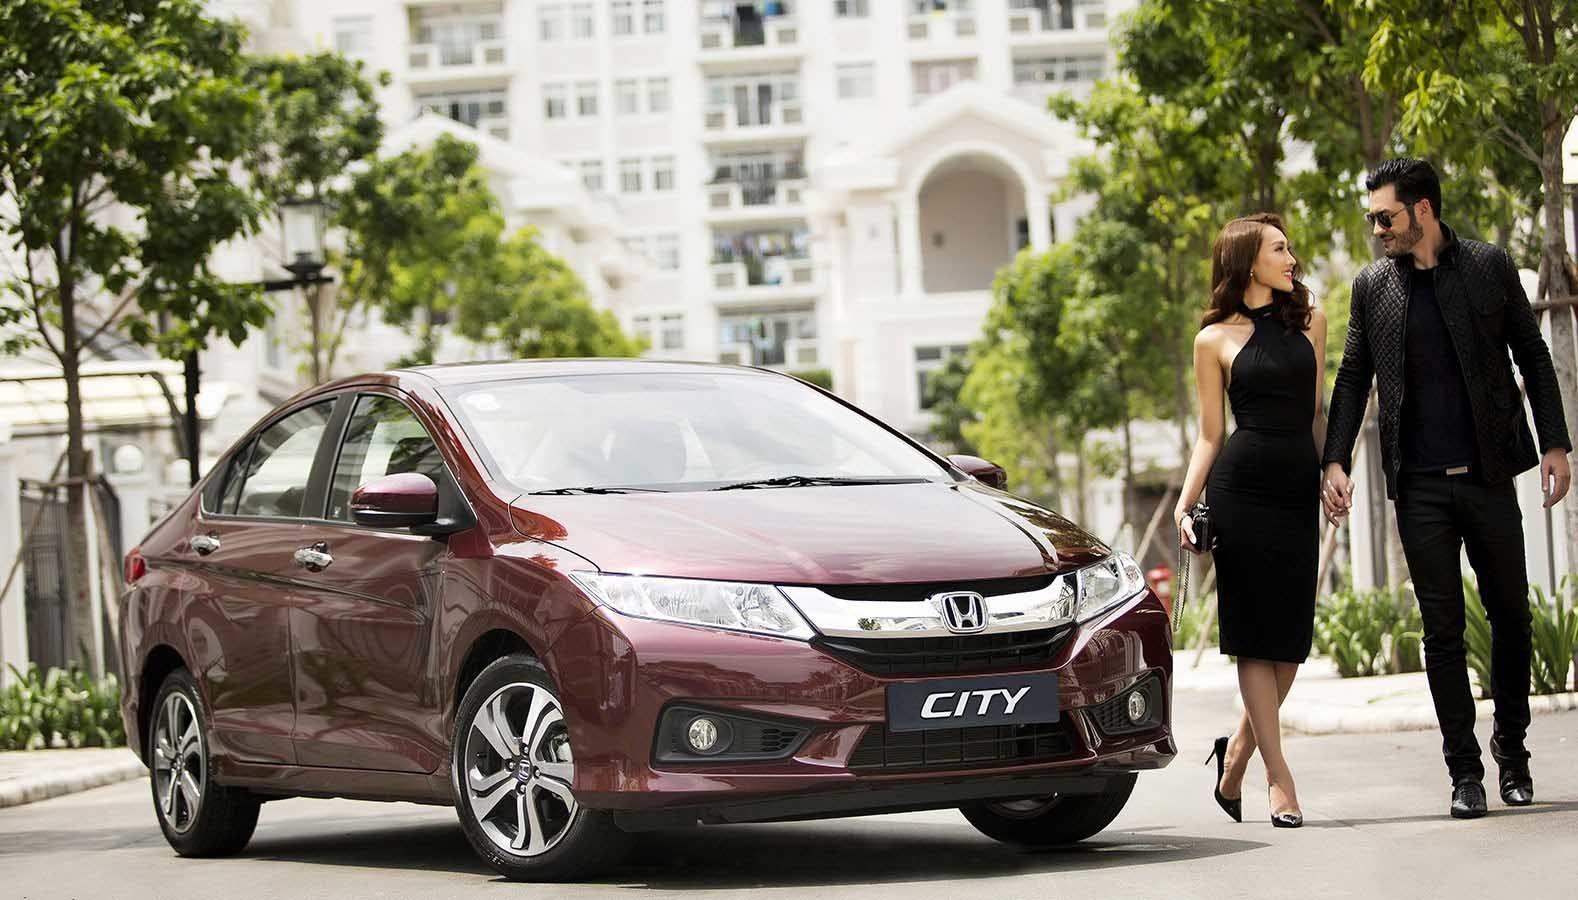 Honda City,ô tô Honda,giá ô tô,ô tô giảm giá,xe cỡ nhỏ,xe nhỏ giá rẻ,ô tô Nhật